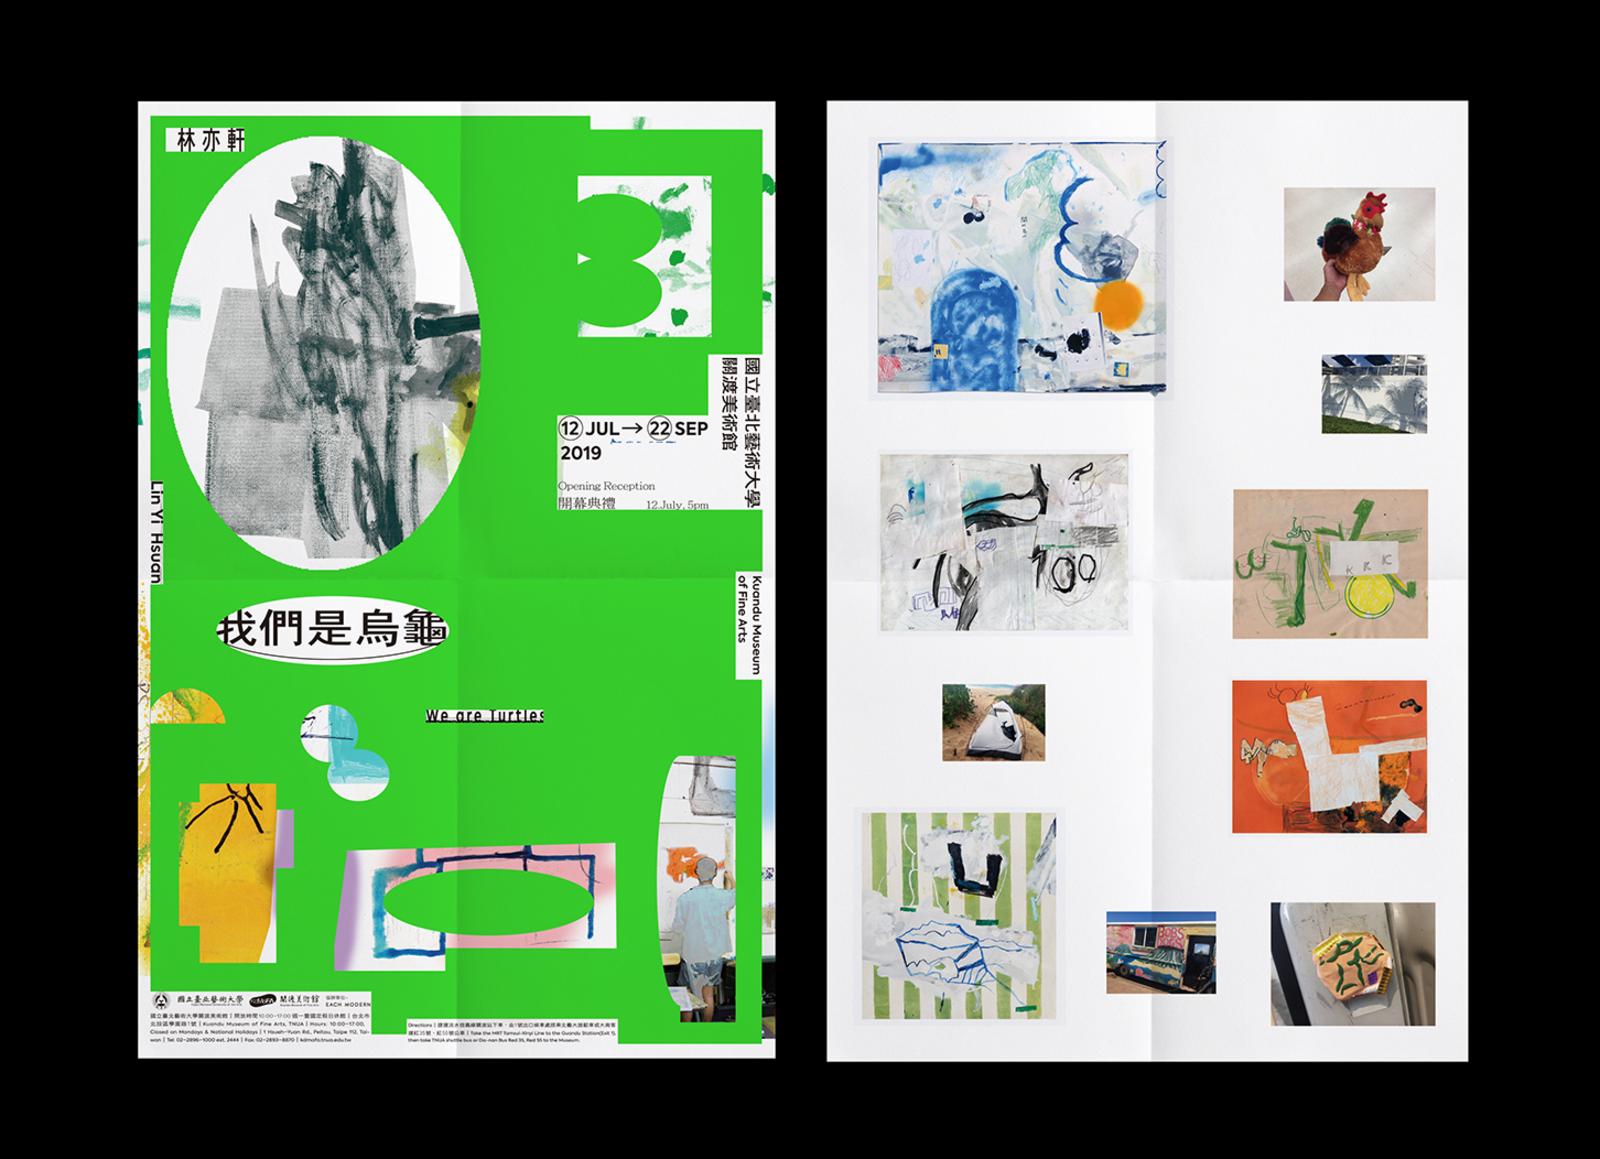 藝術家林亦軒個展主視覺設計。